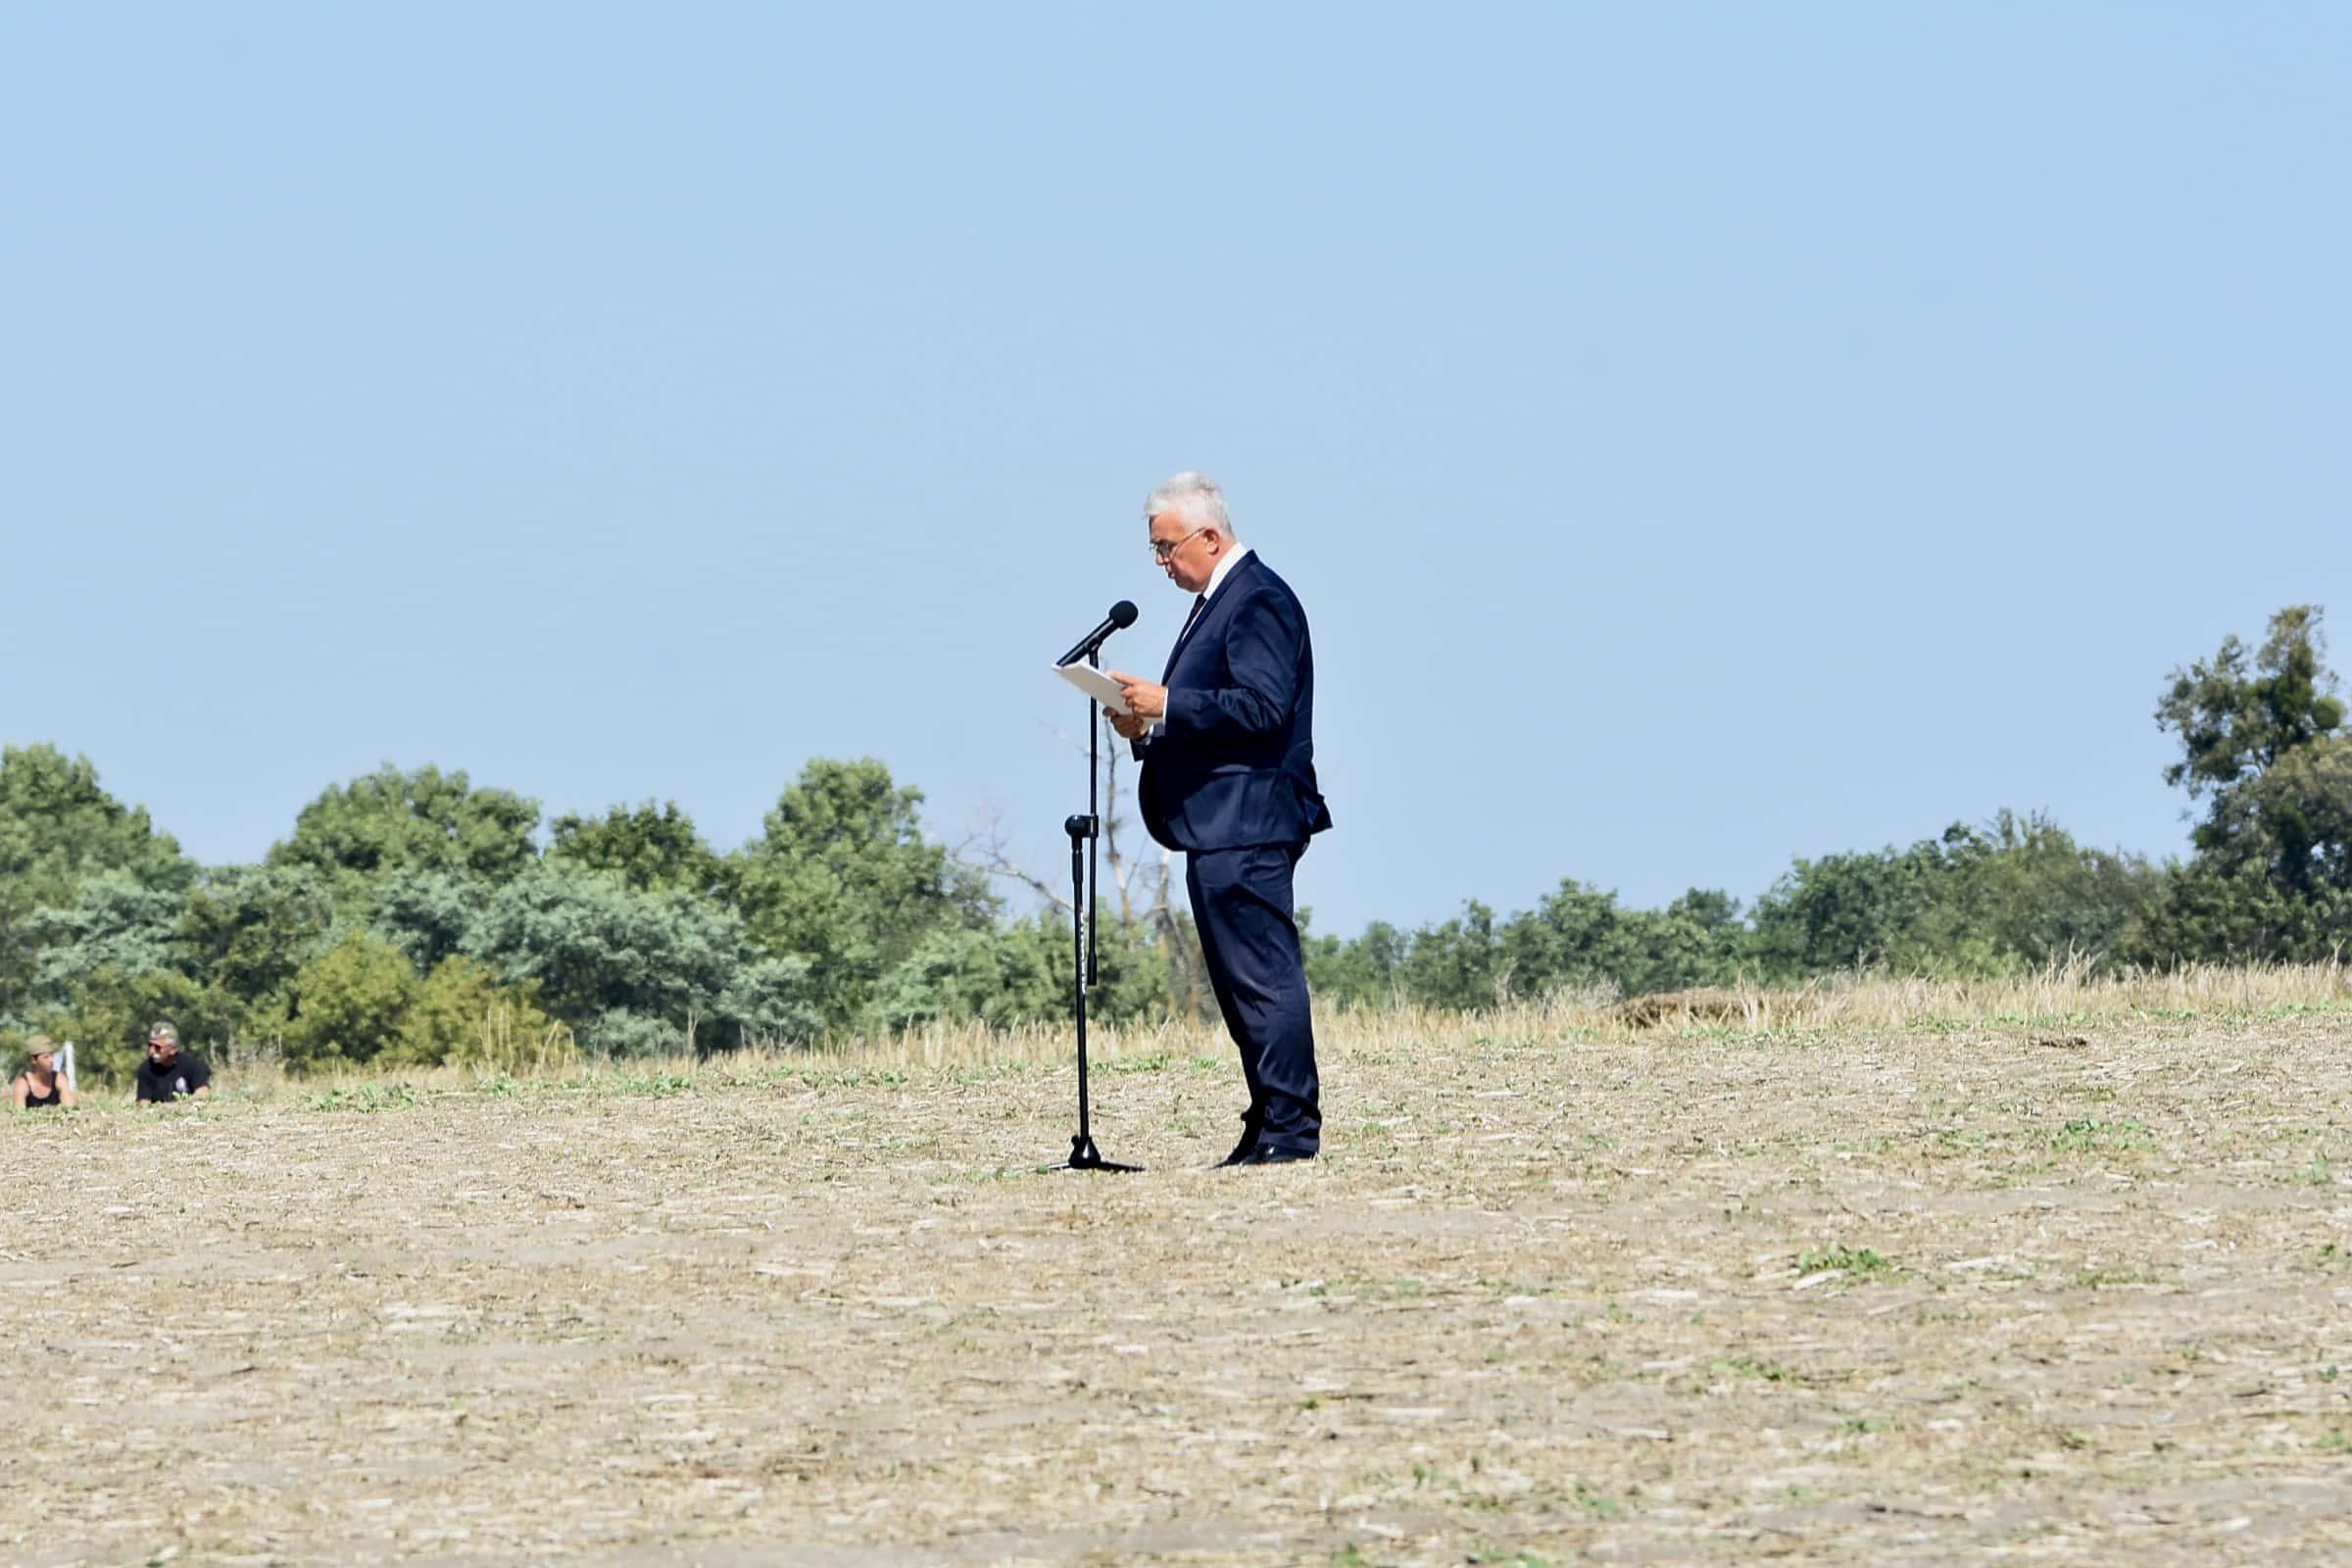 dsc 0531 Czas szabli - 100 rocznica bitwy pod Komarowem(zdjęcia)